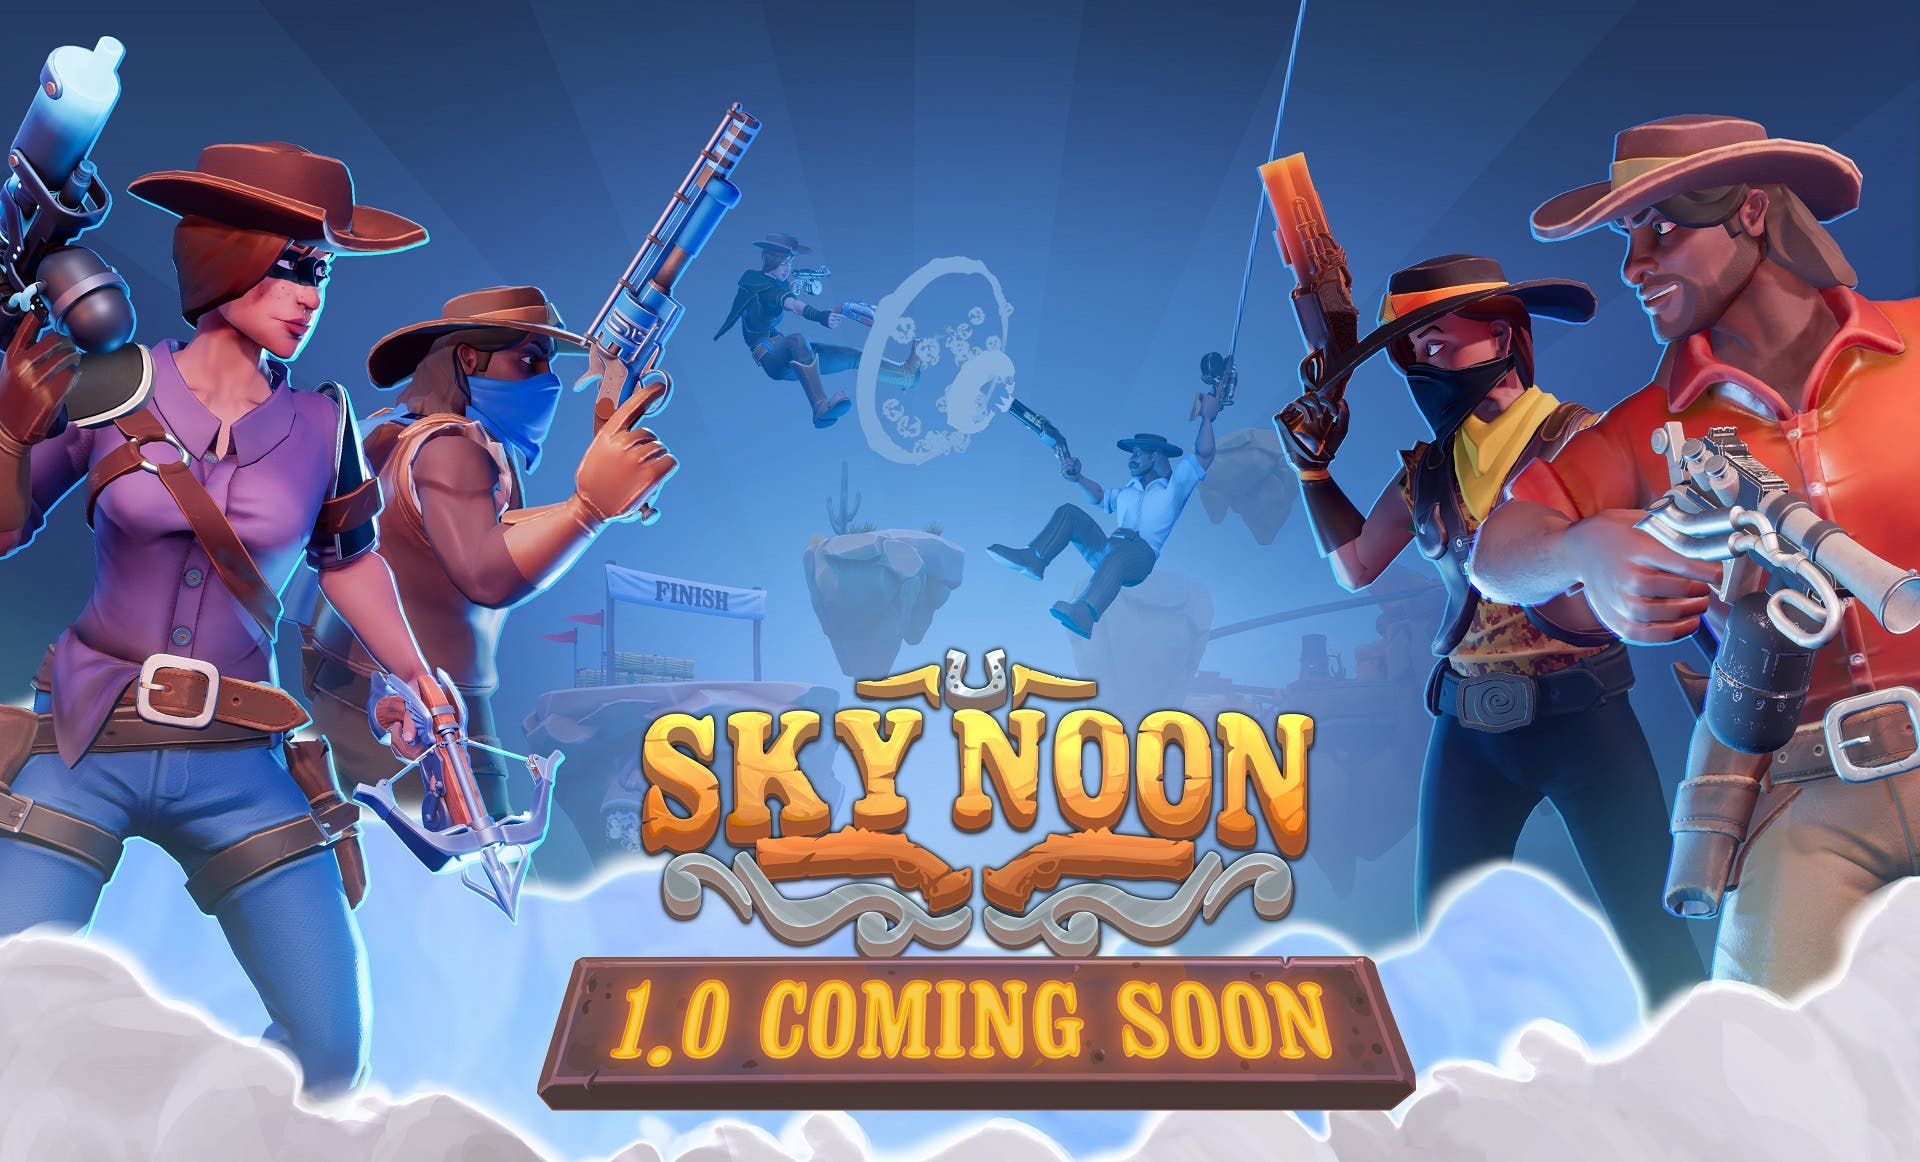 SkyNoon Keyart 1.0 ComingSoon 1